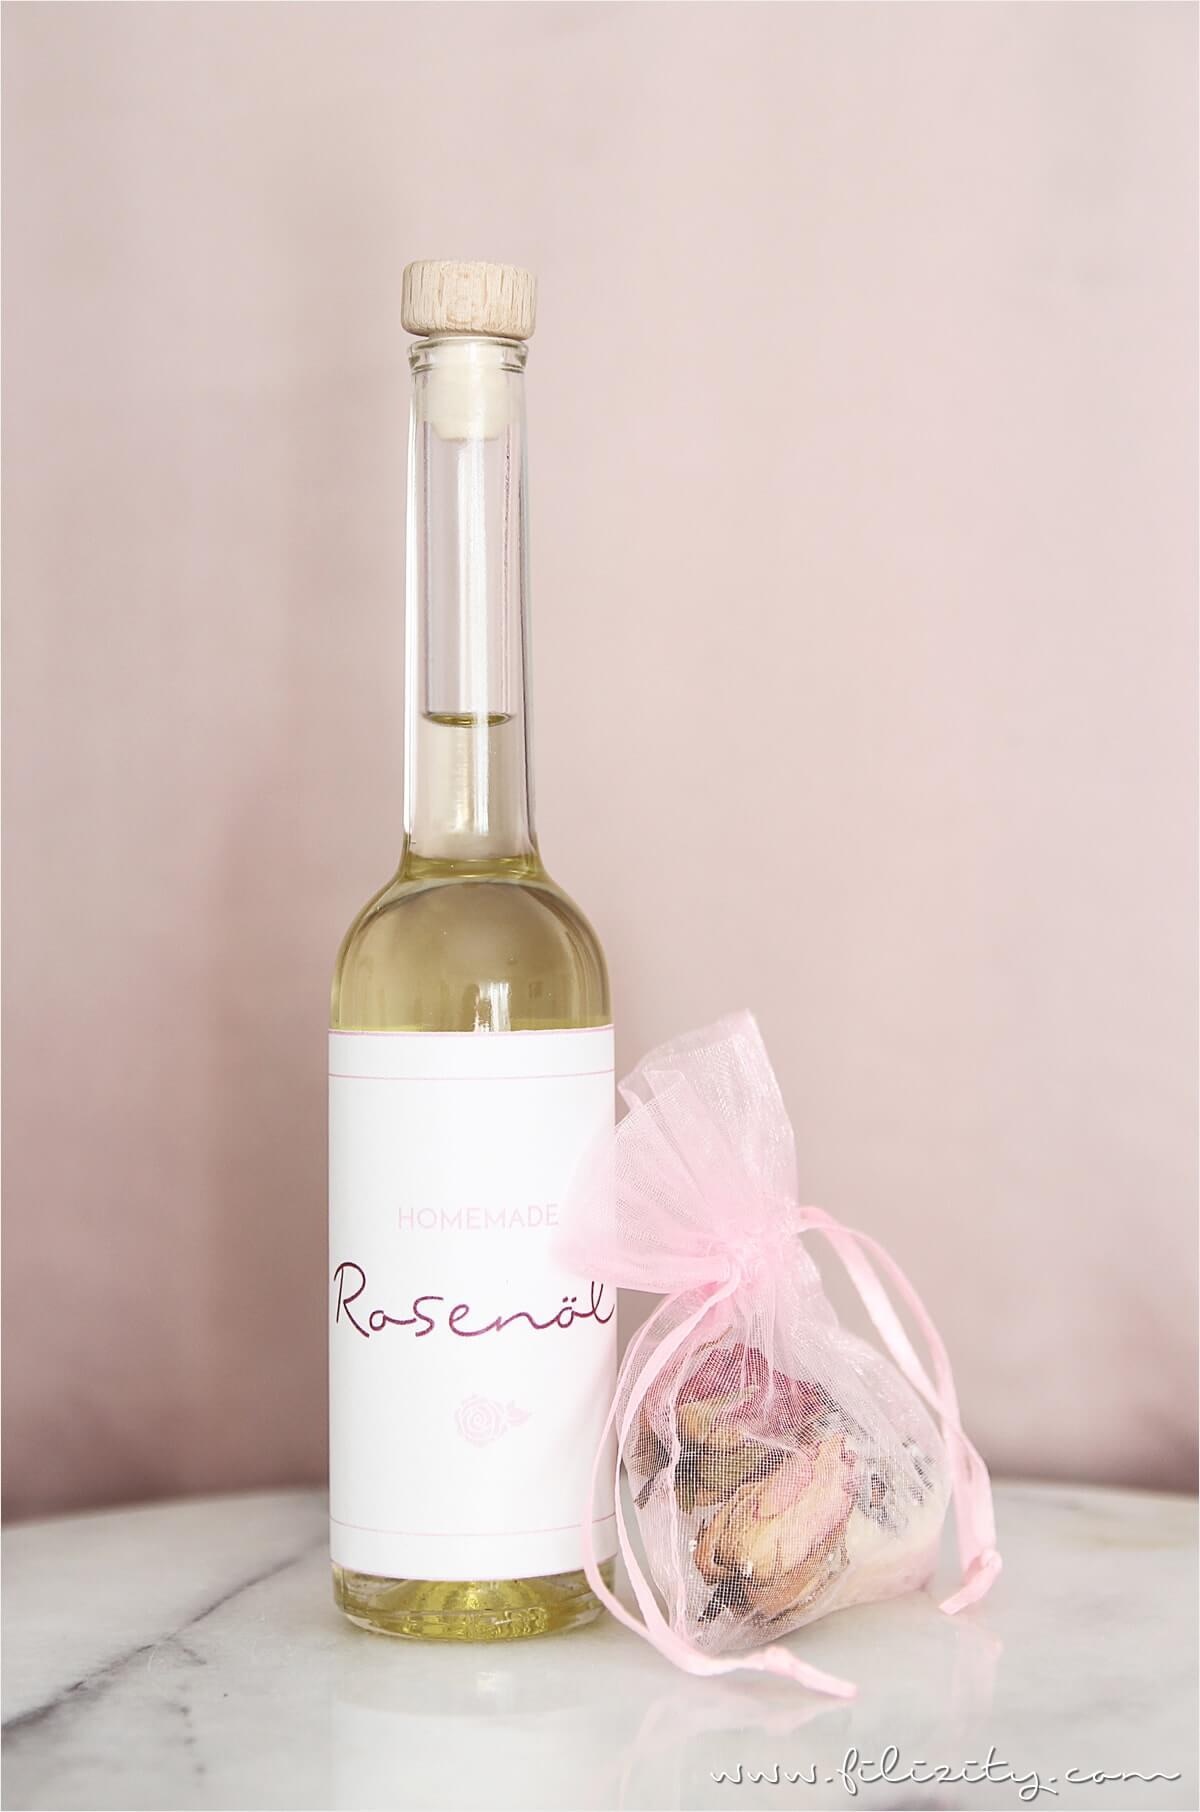 Muttertagsgeschenke selber machen - DIY Geschenk für Mama basteln - DIY Kosmetik